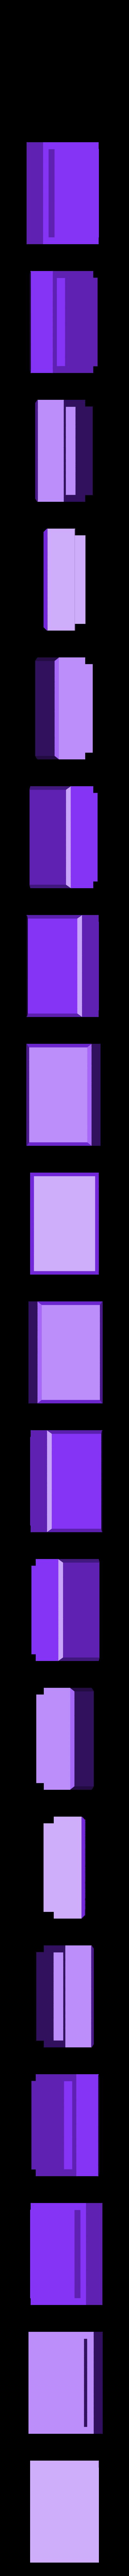 BlockBack14_01.stl Download STL file Playing Card Tiles • Object to 3D print, Jinja